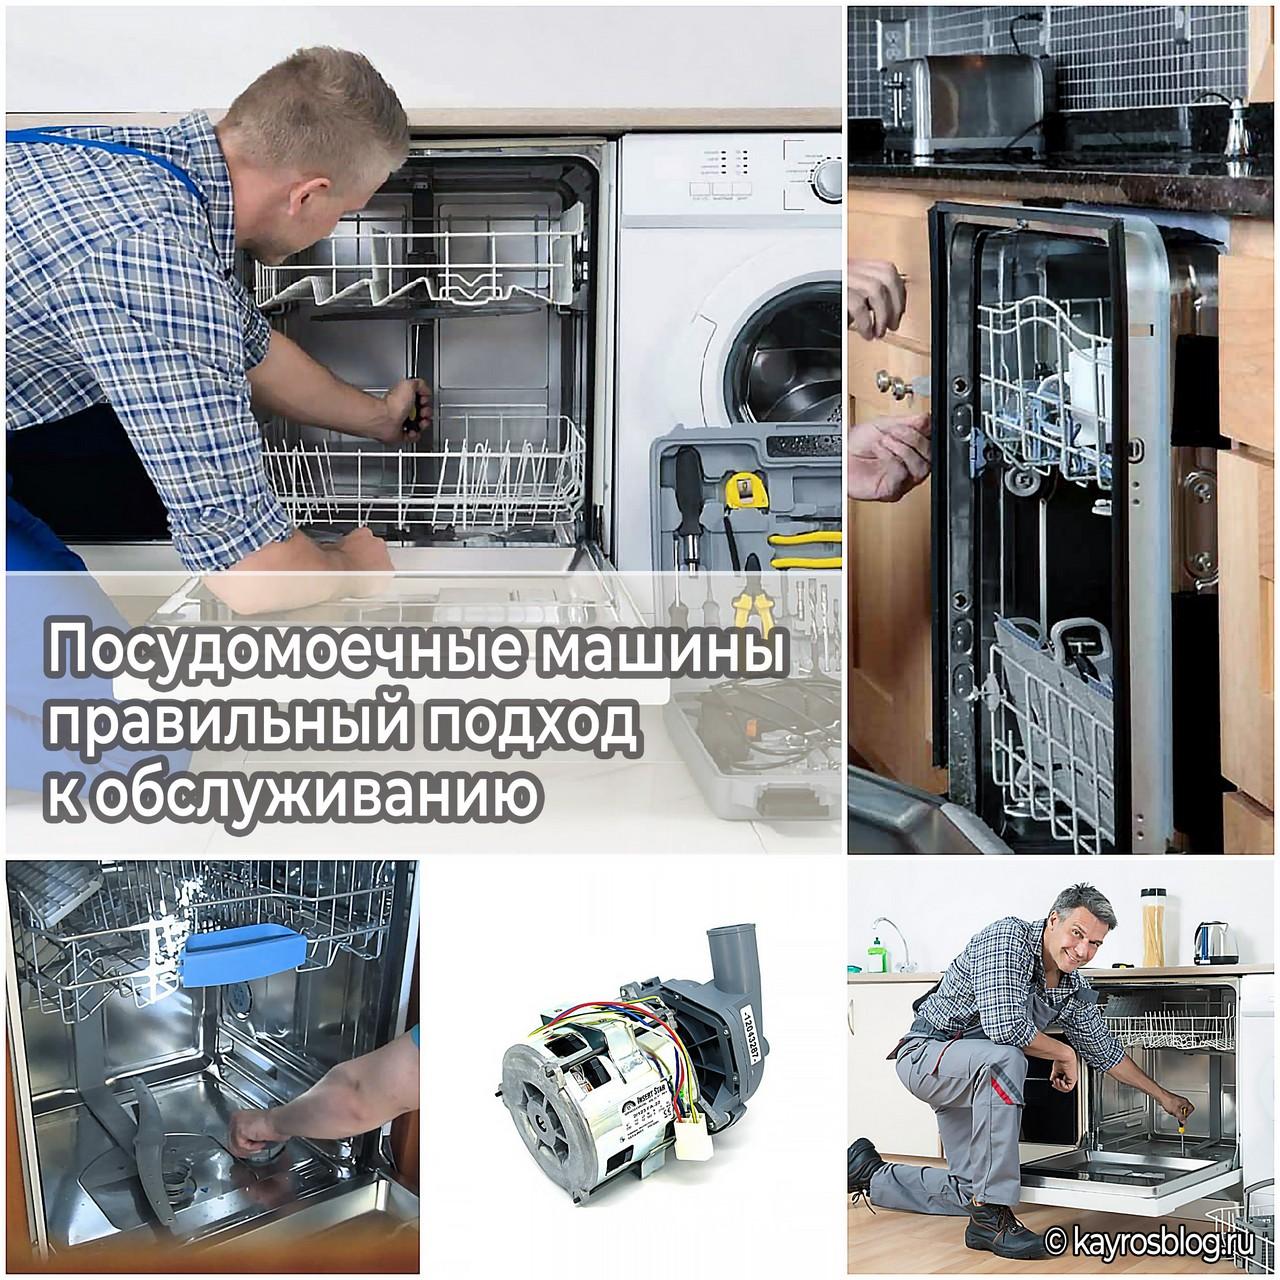 Посудомоечные машины - правильный подход к обслуживанию